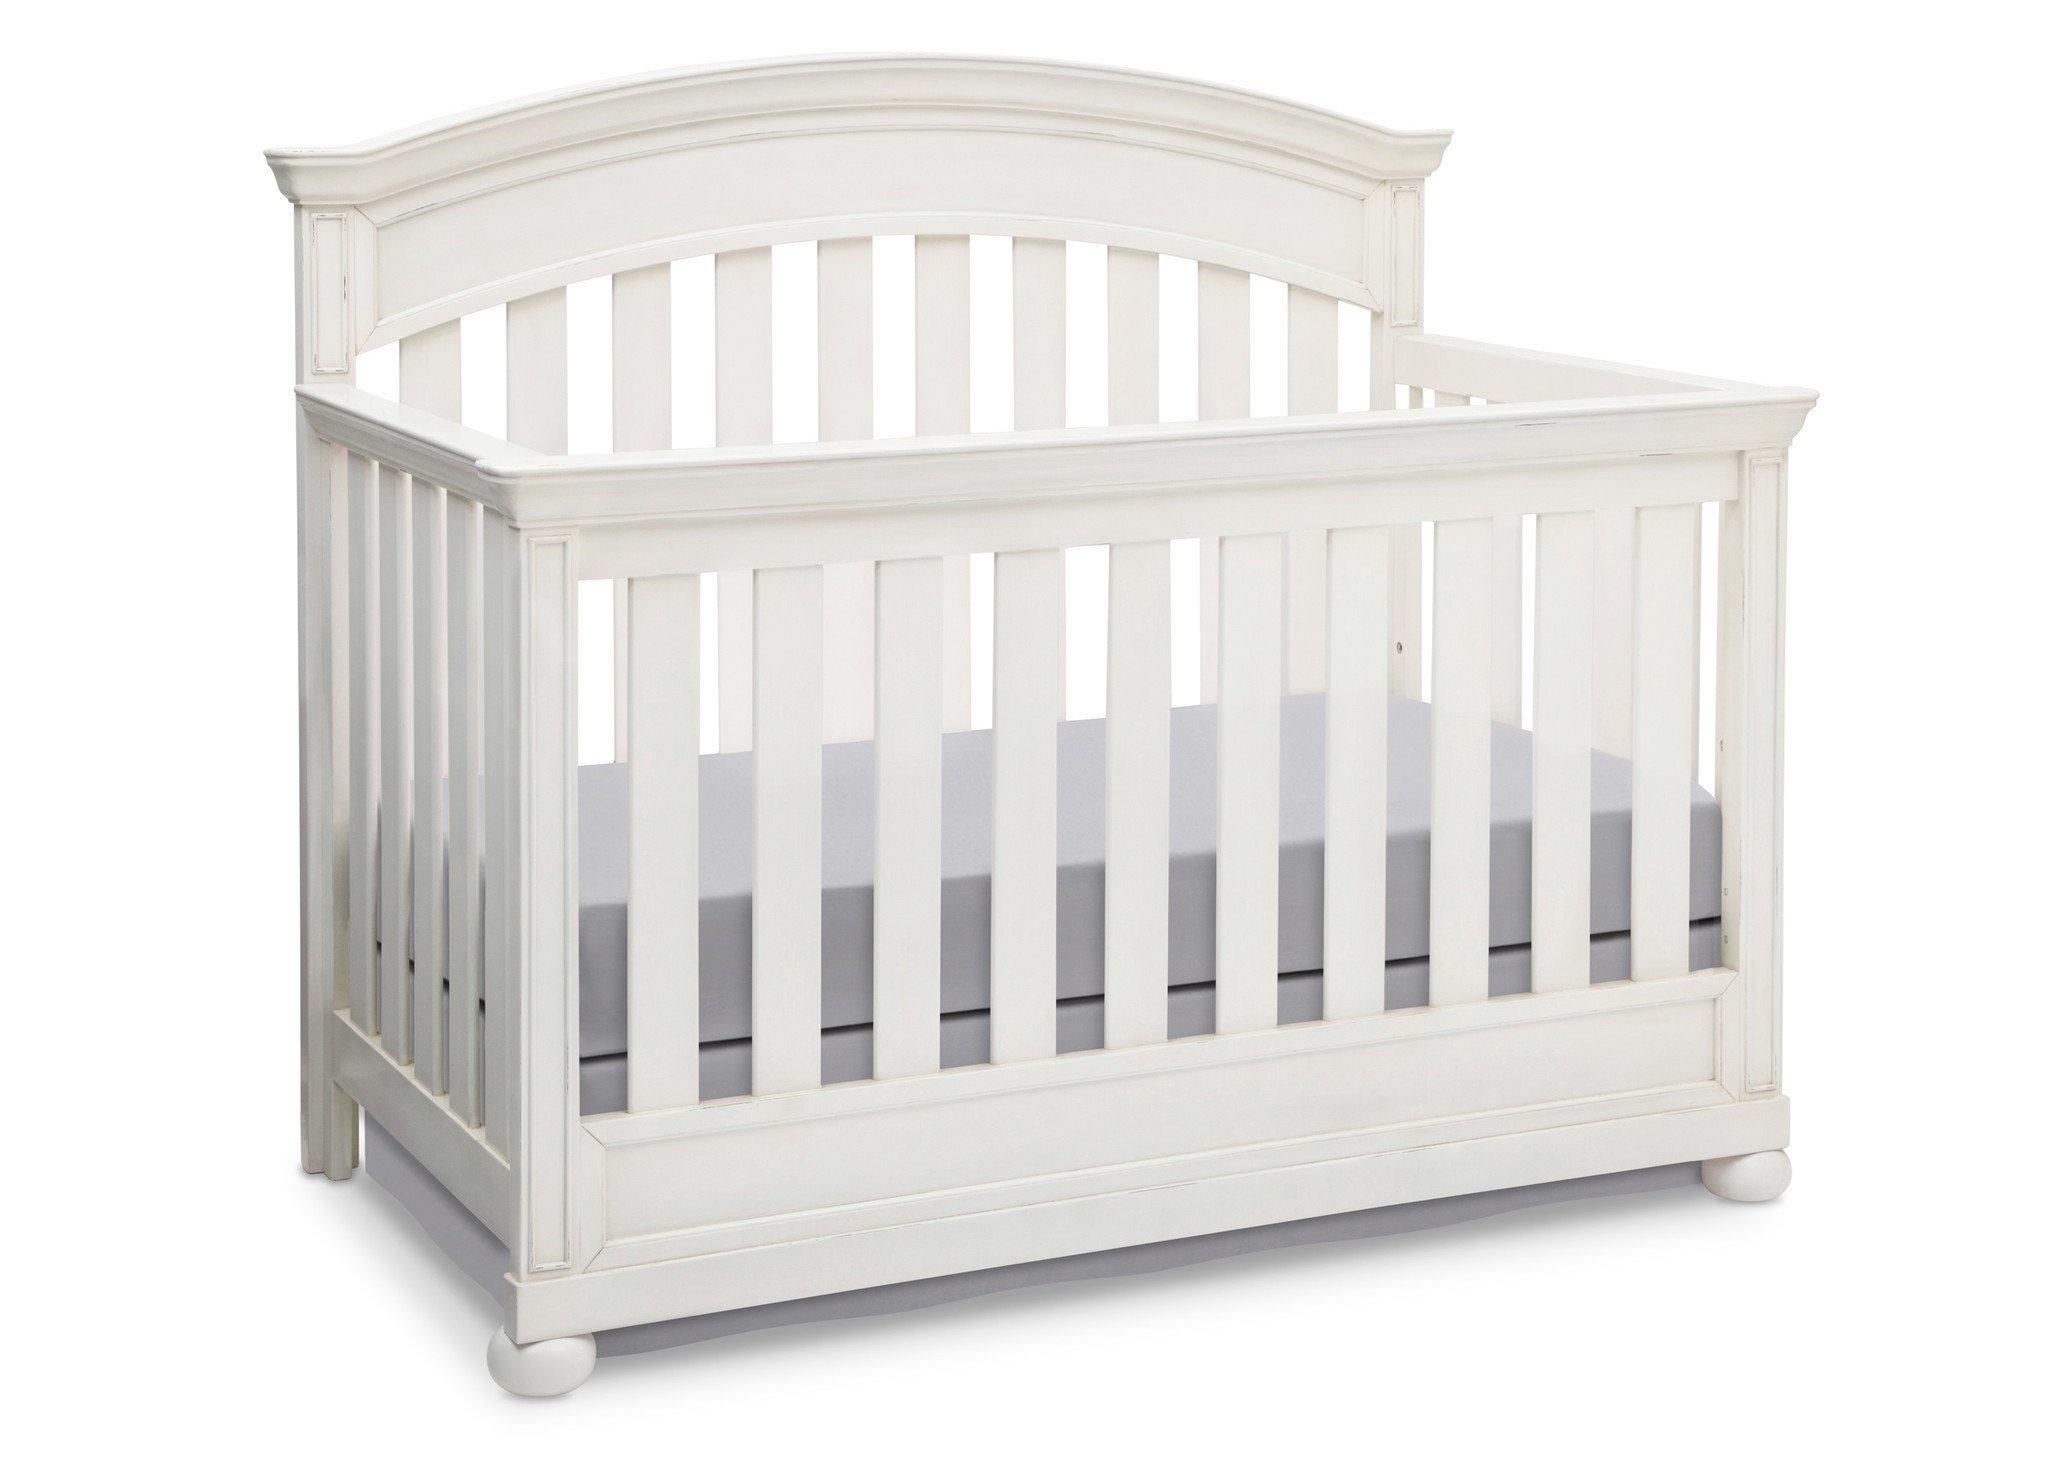 Full Size Conversion Kit Bed Rails for Simmons/Delta Childrens Castille Crib - White